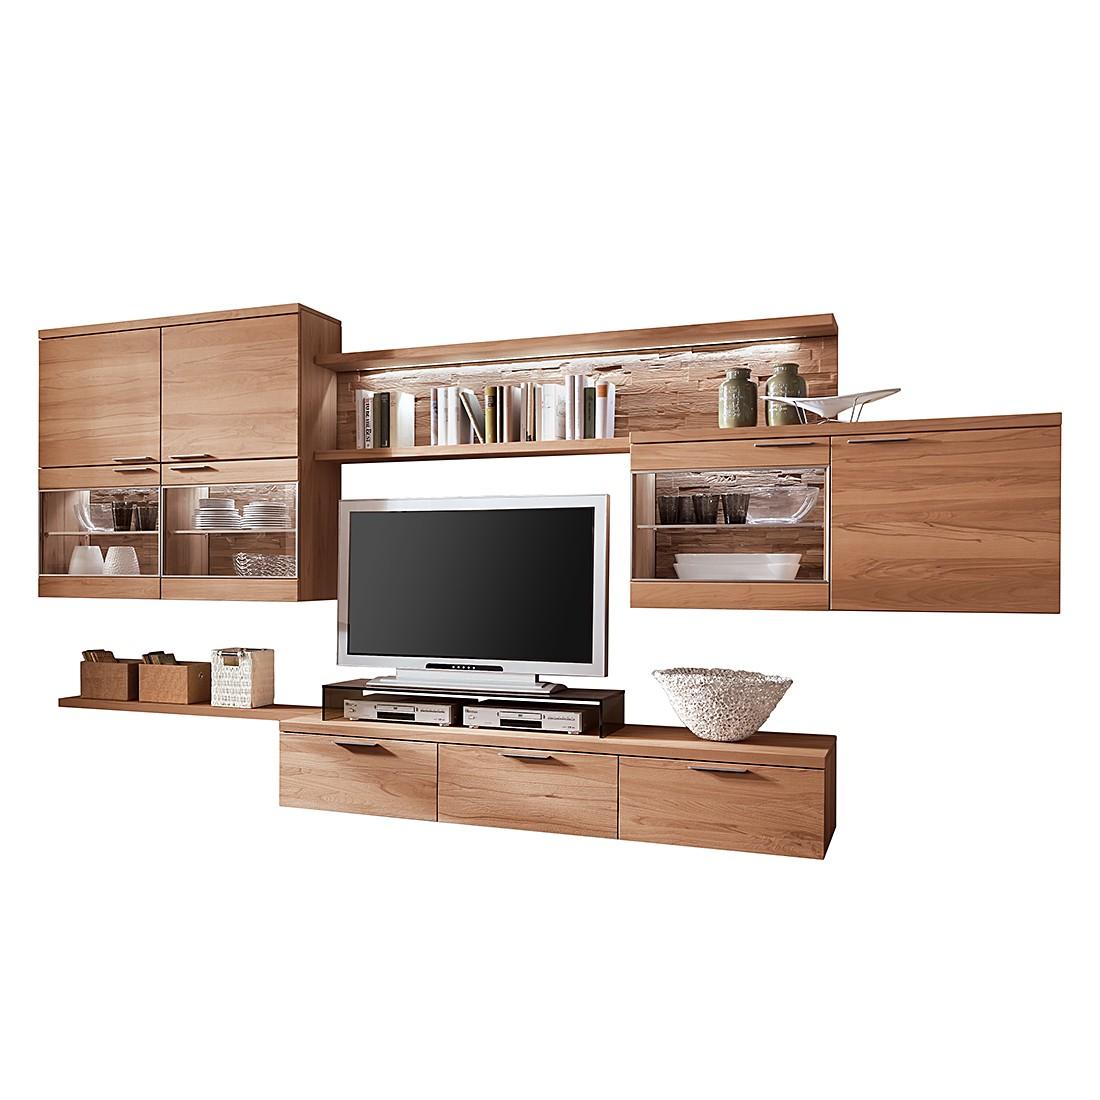 zu wohnwand pur i 5teilig kernbuche massiv mit tvaufsatz. Black Bedroom Furniture Sets. Home Design Ideas